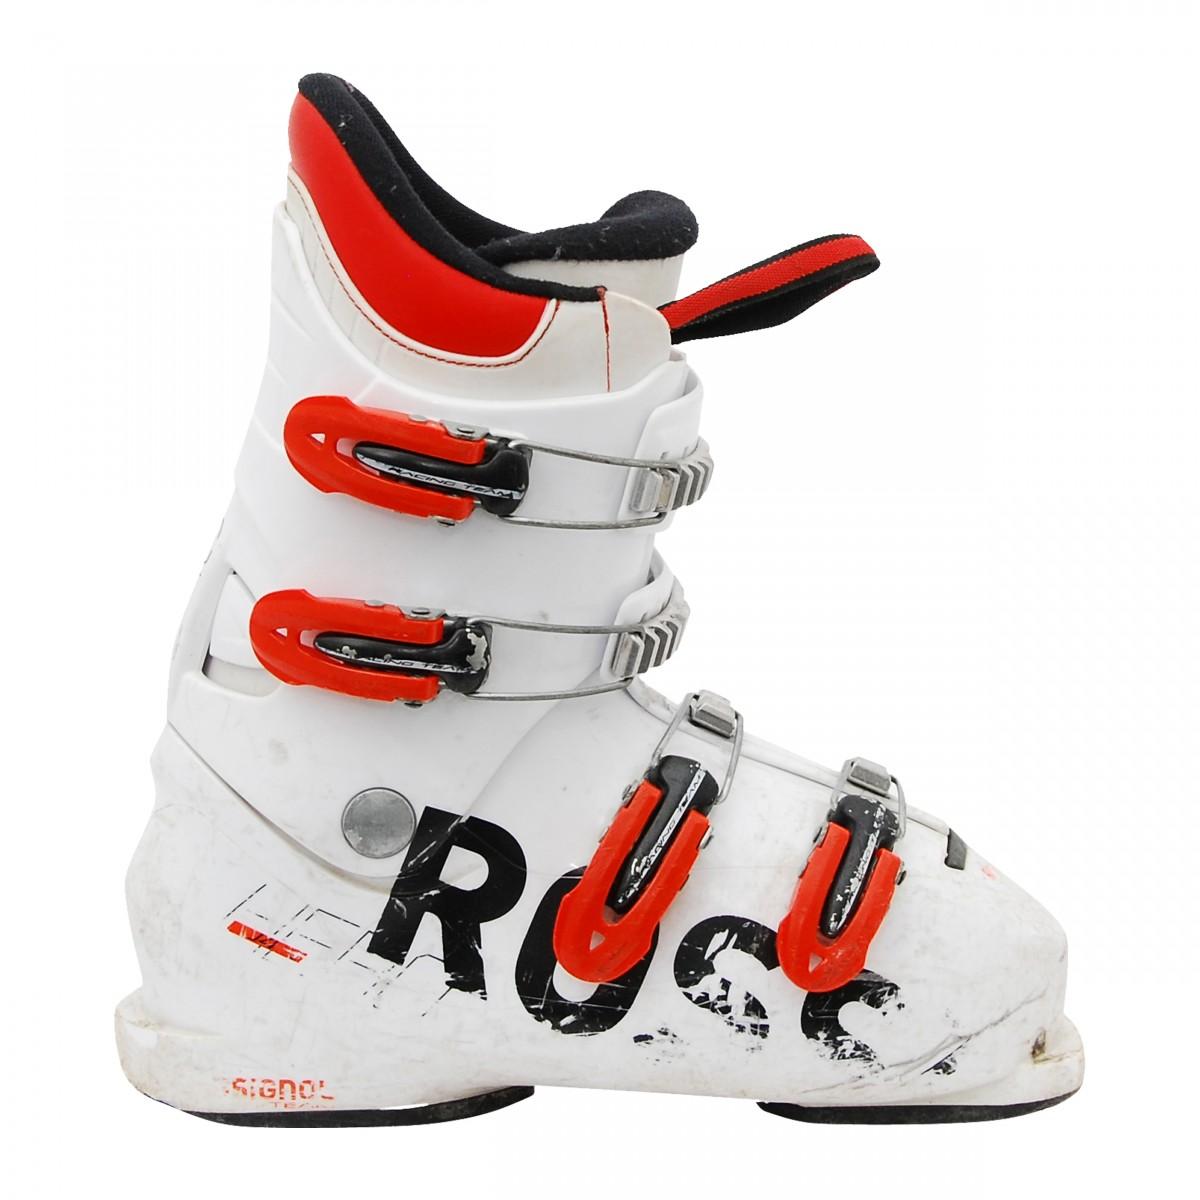 Chaussure-de-ski-occasion-junior-Rossignol-Hero-J3-J4 miniatuur 6